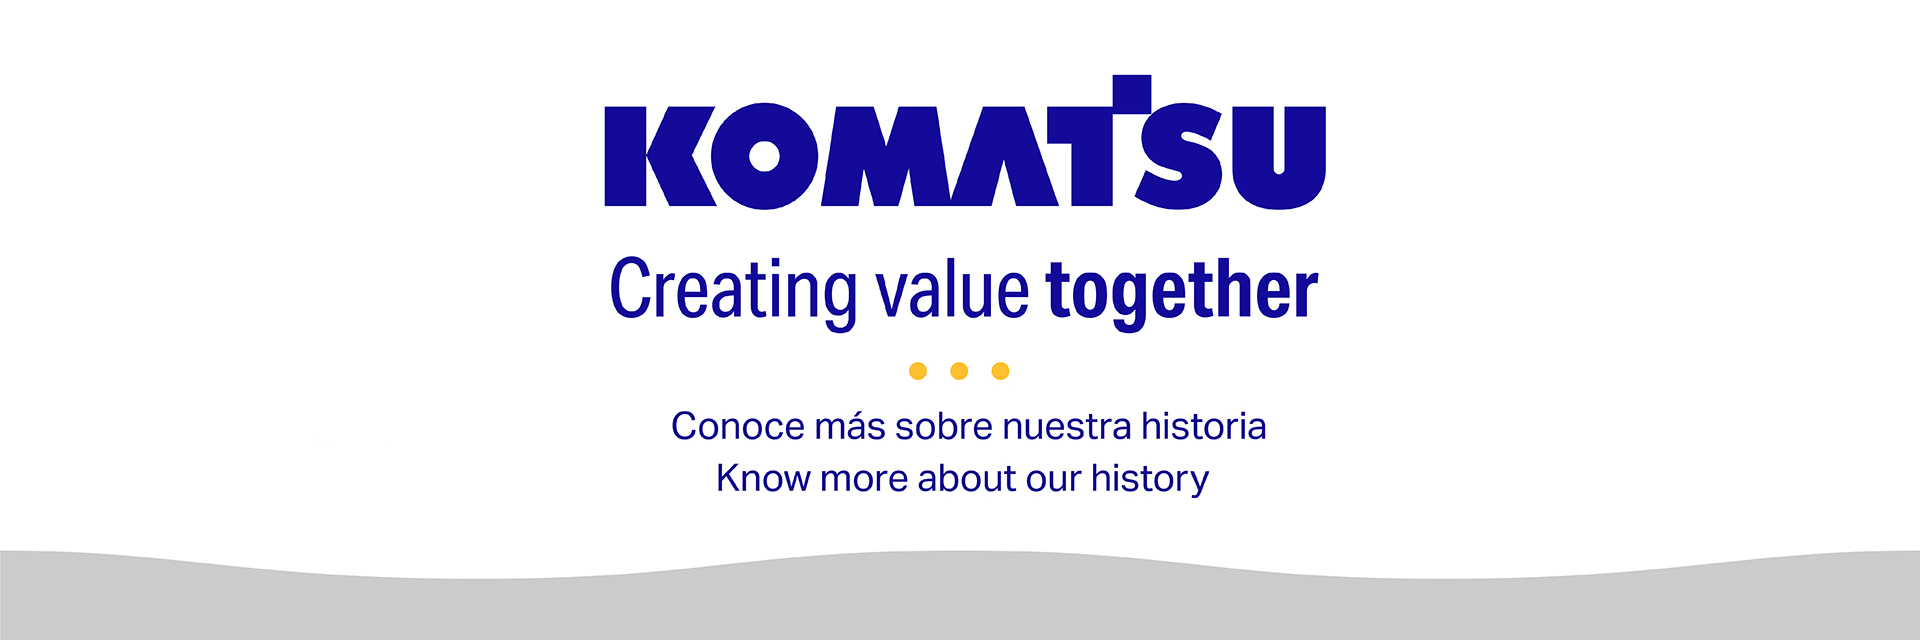 Komatsu inicia las actividades conmemorativas del 100º aniversario